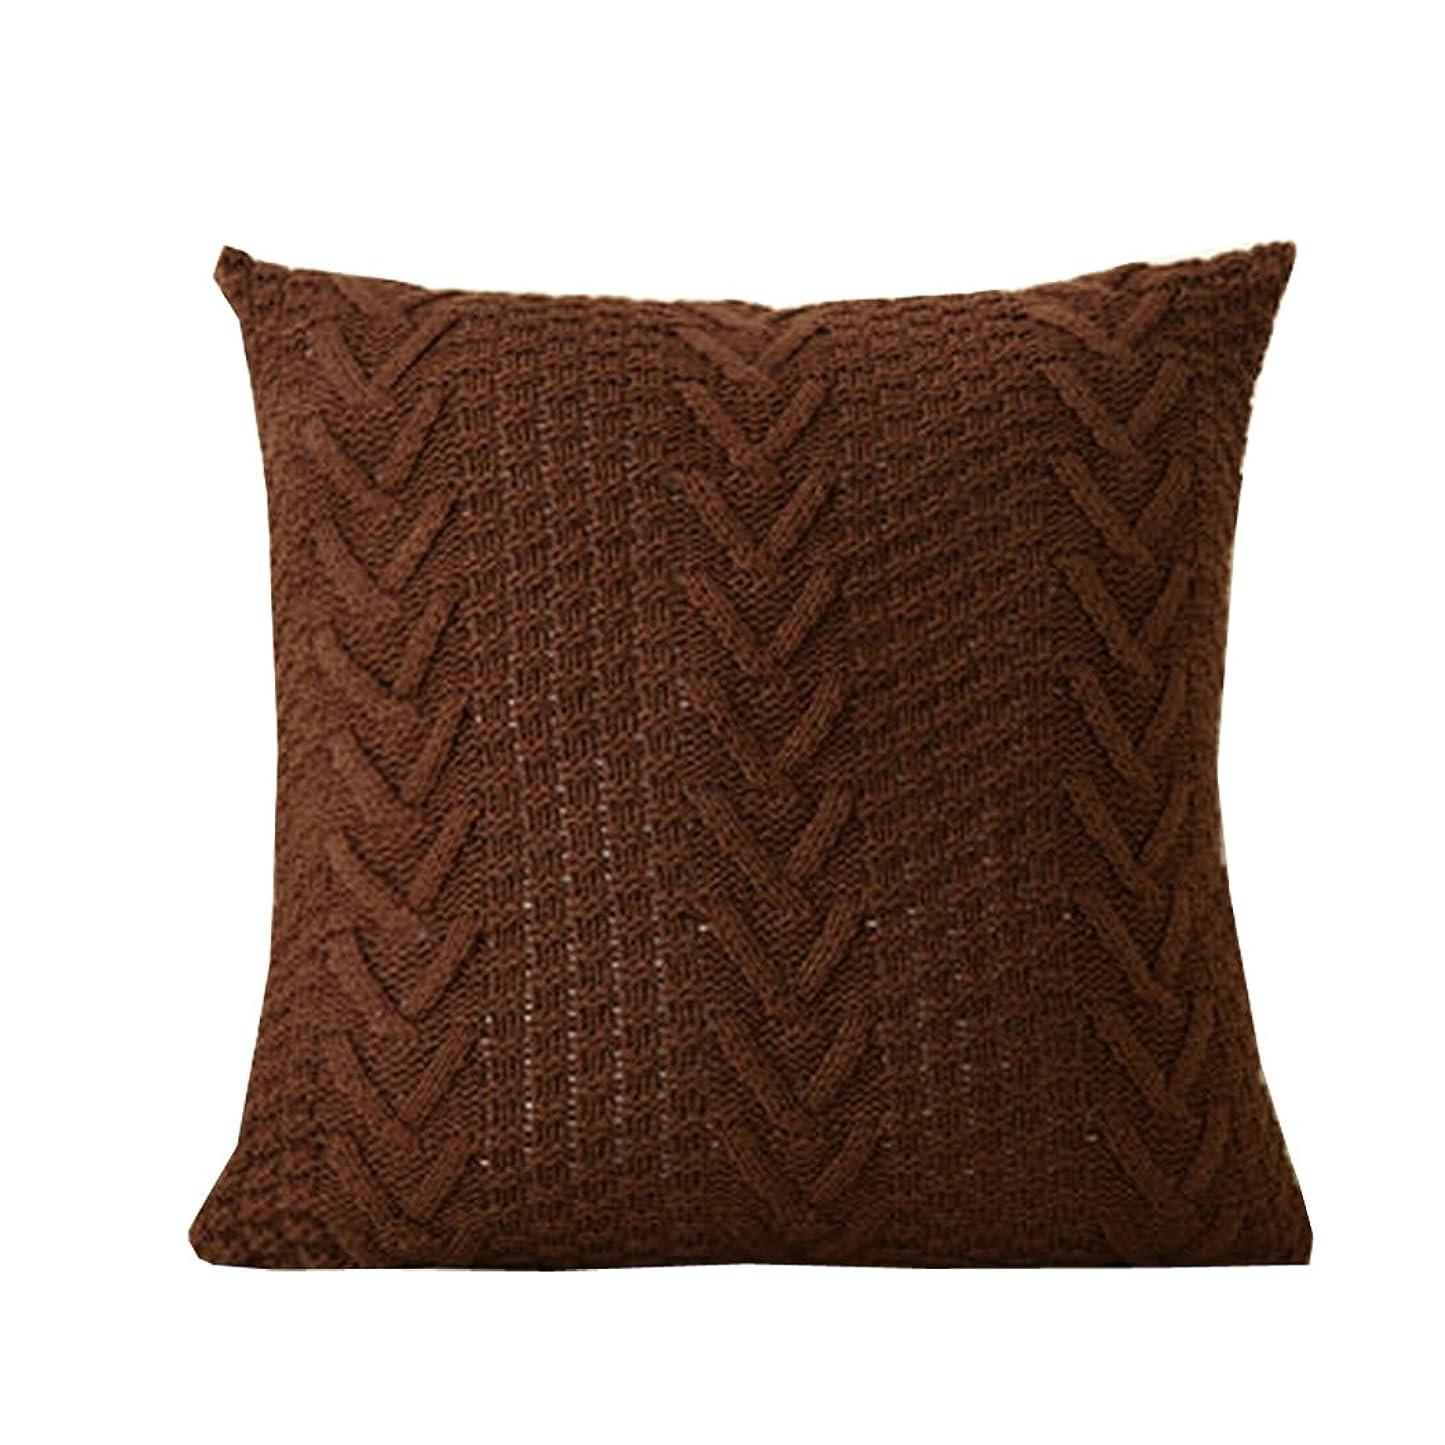 フィードオン睡眠再集計i-BOSOM コットンニット クッションカバー 枕カバー ピローケース 厚毛糸 インテリア 45×45 cm (カバーのみ) (ブラウン)